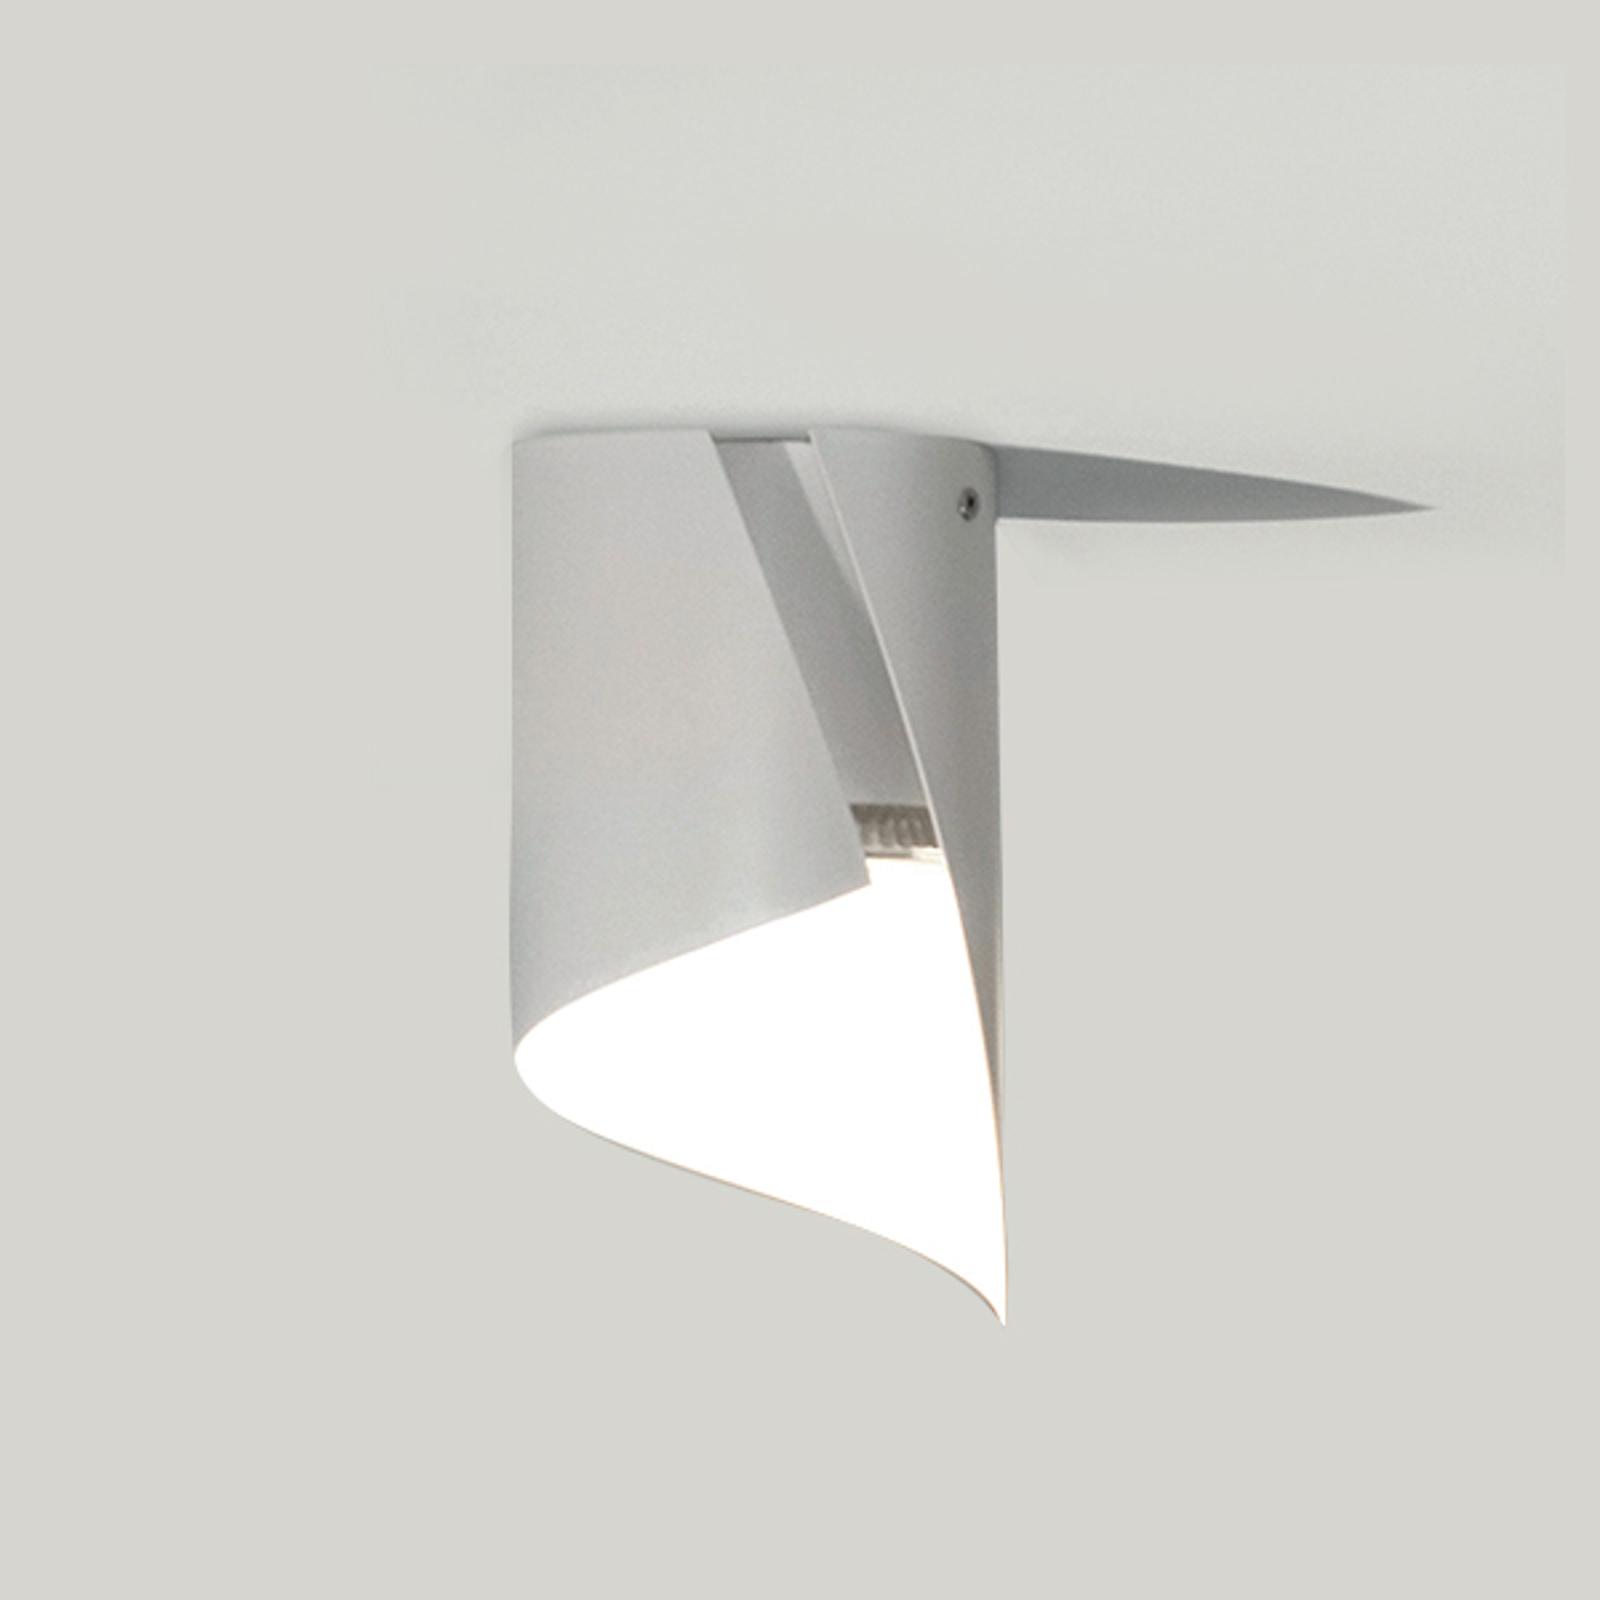 Knikerboker Hué LED-Deckenleuchte 8x15cm weiß